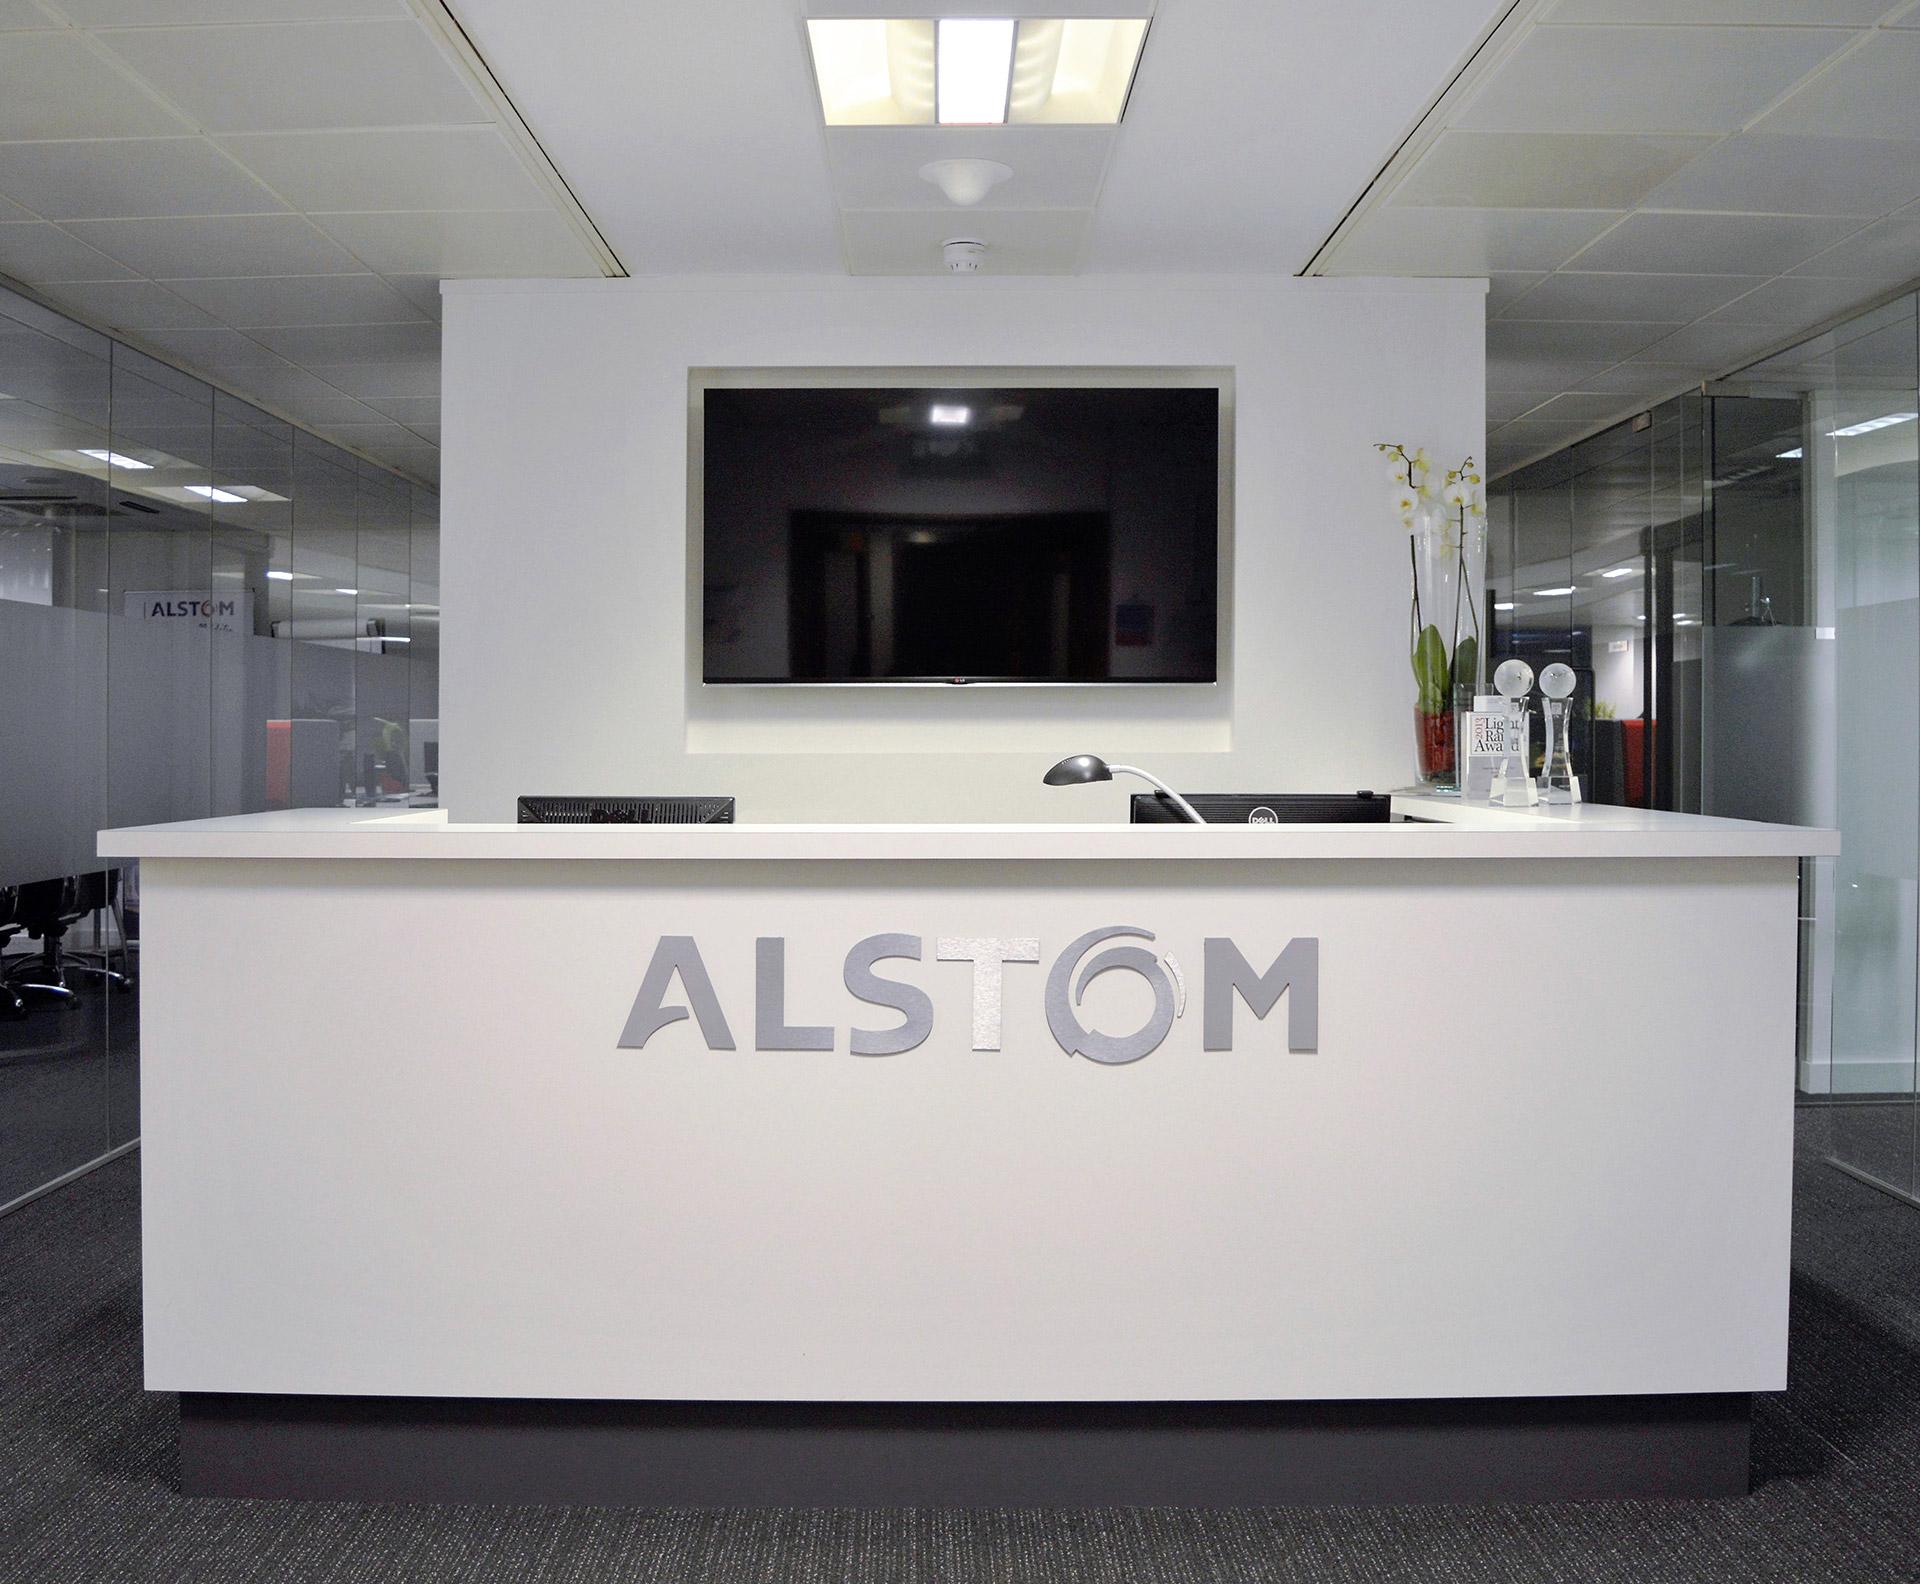 Alstom Accent Office Interiors Portfolio Item